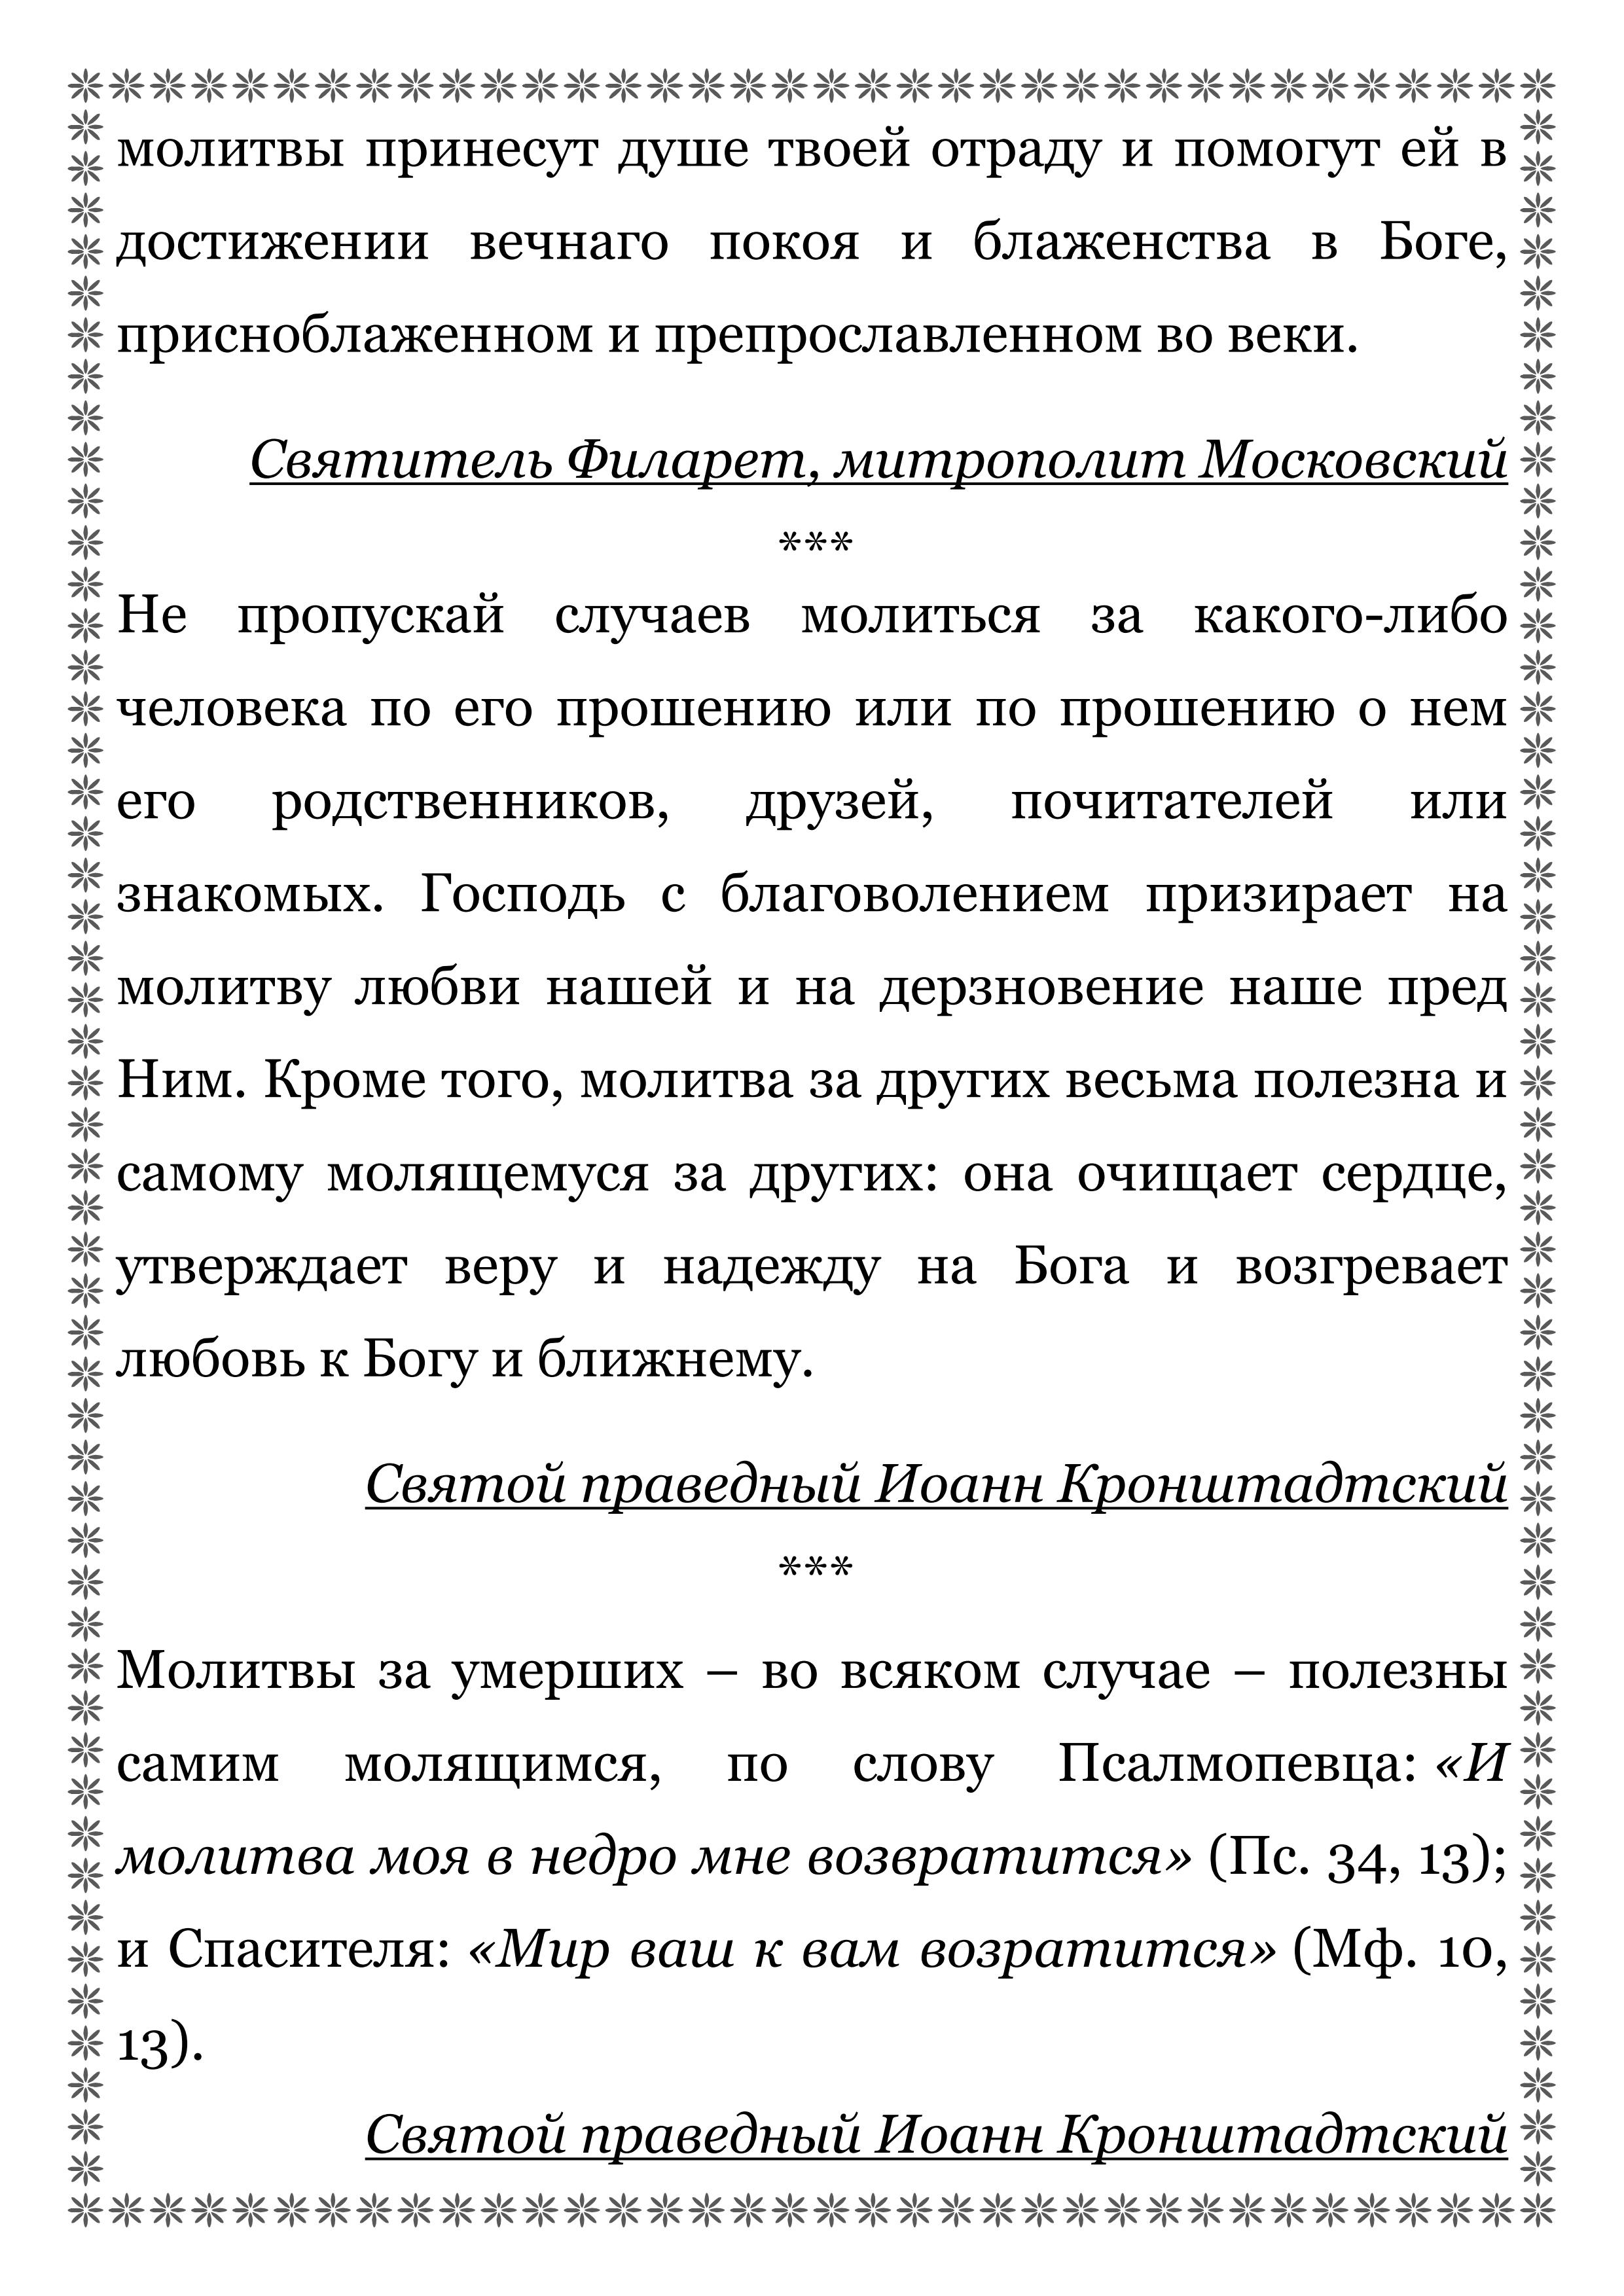 дни поминовения усопших_04